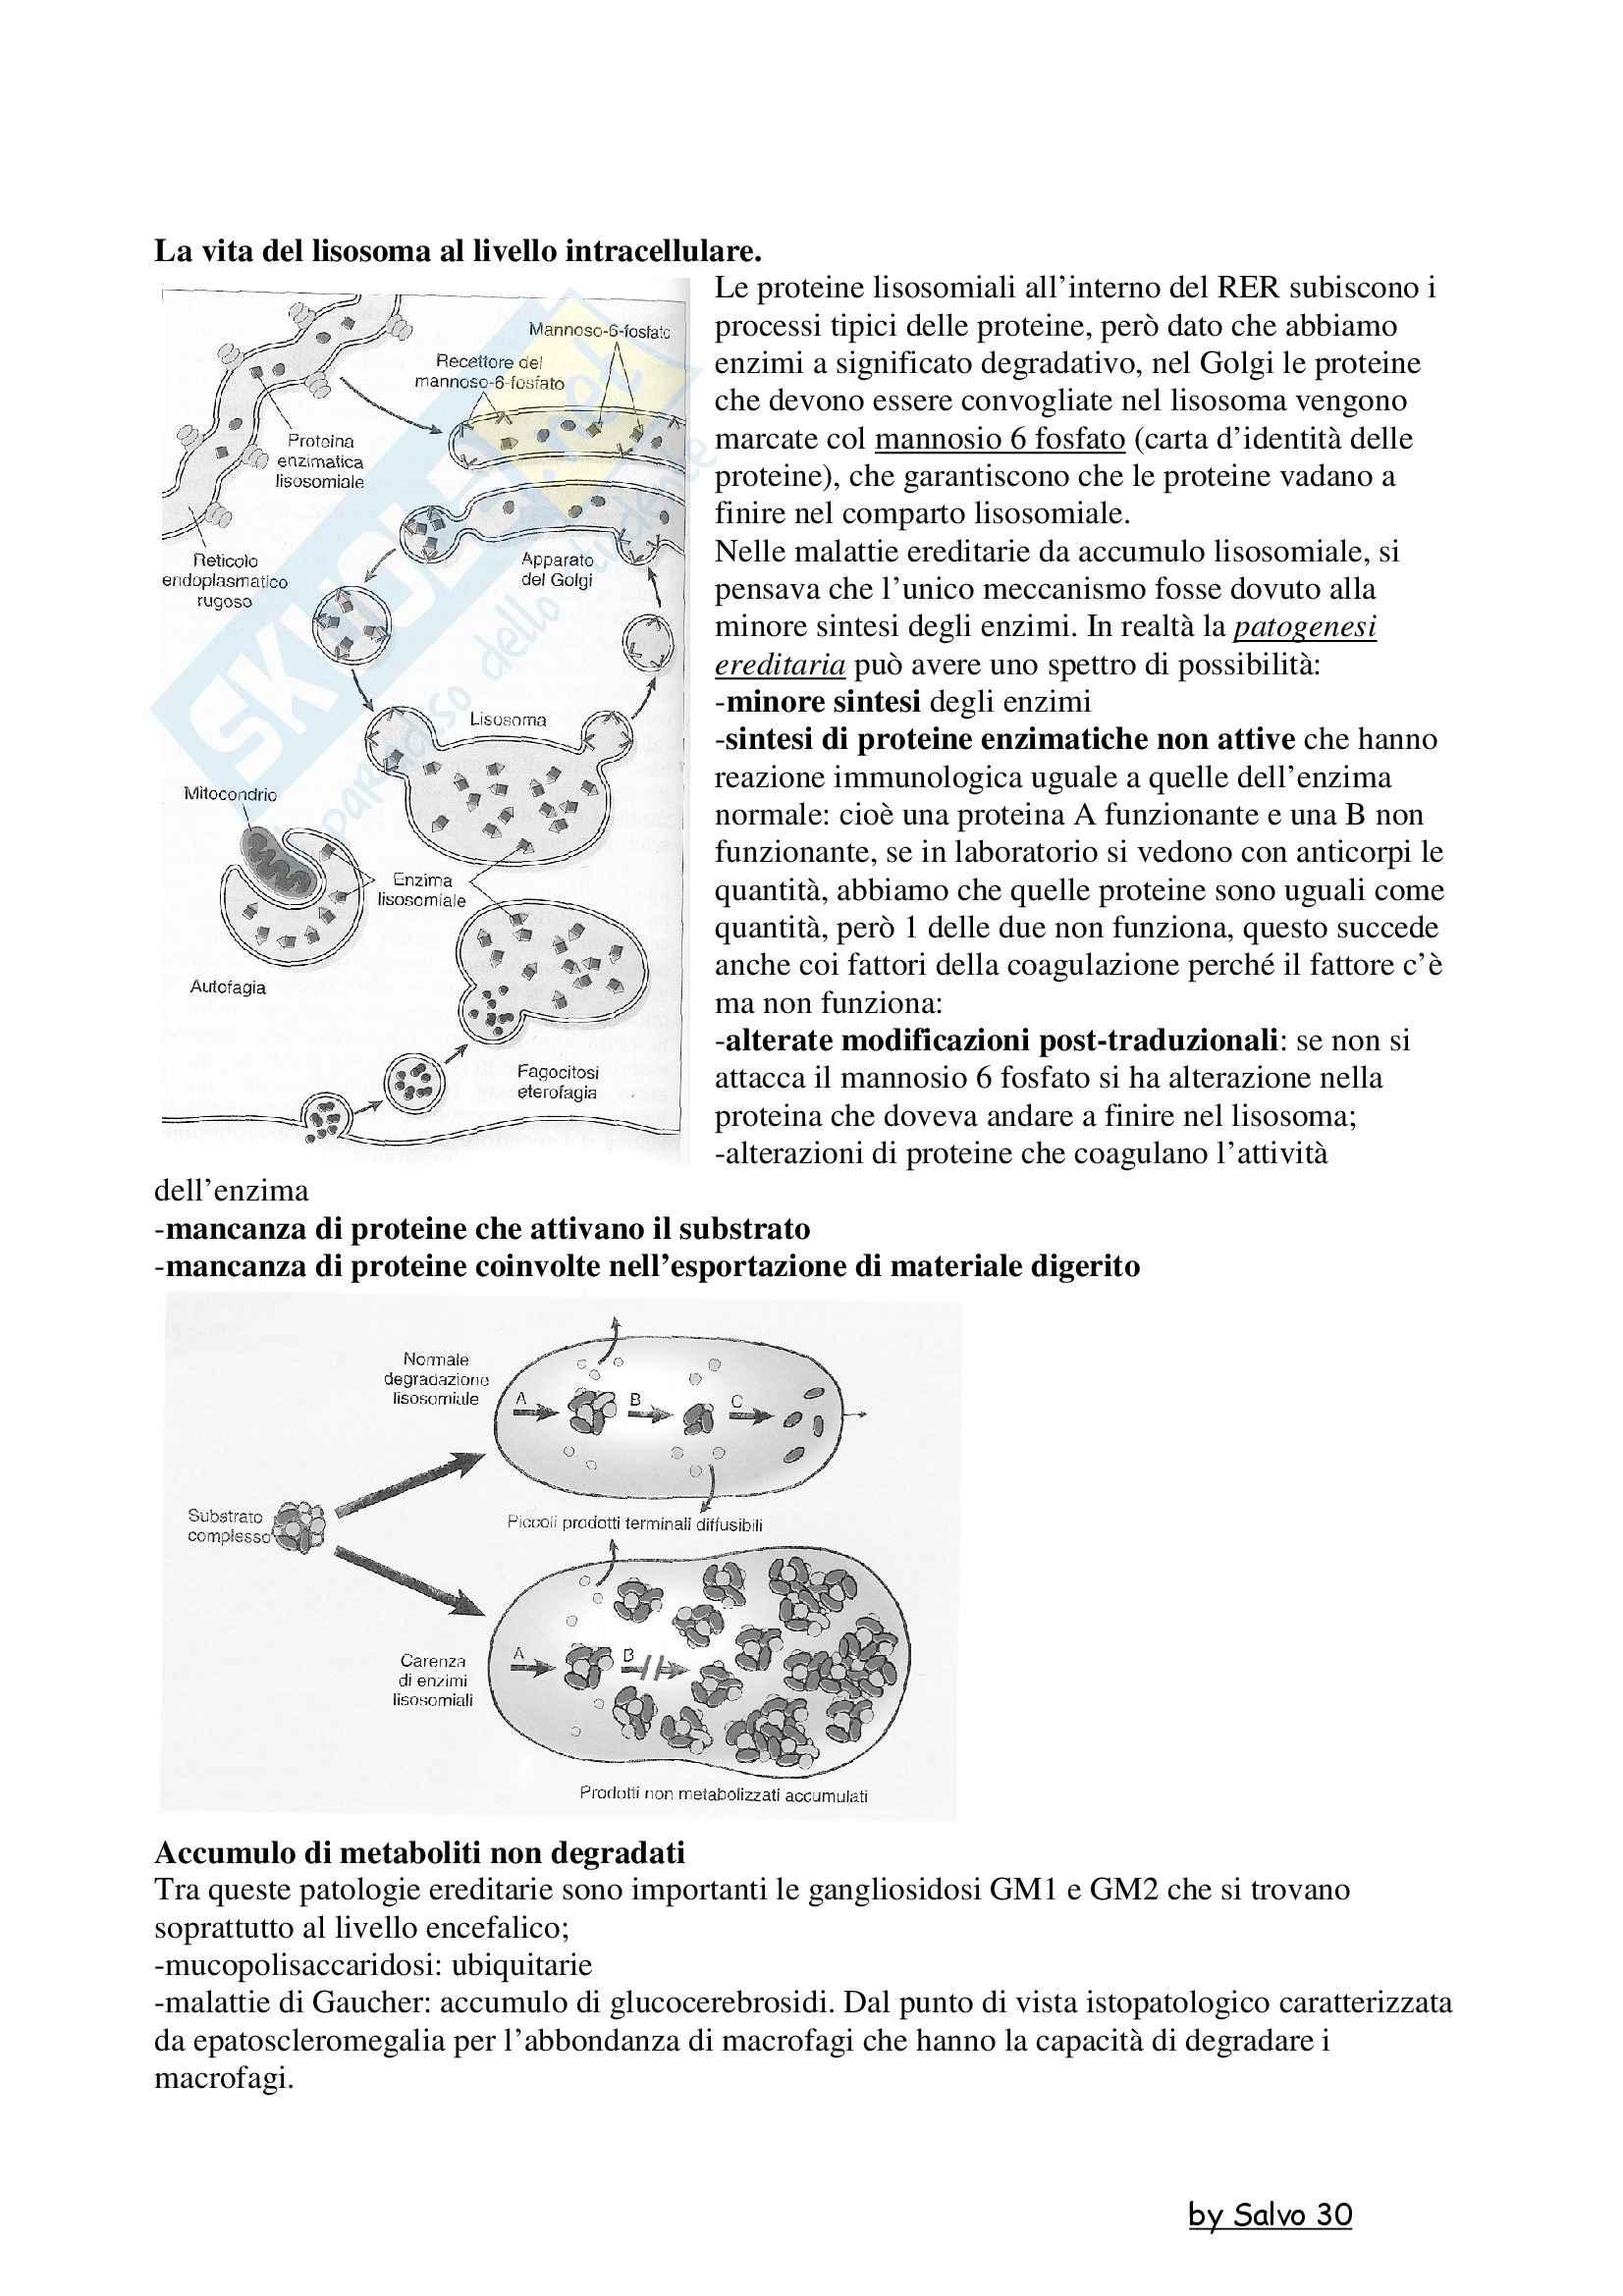 Patologia generale - la vita dei lisosomi a livello intracellulare